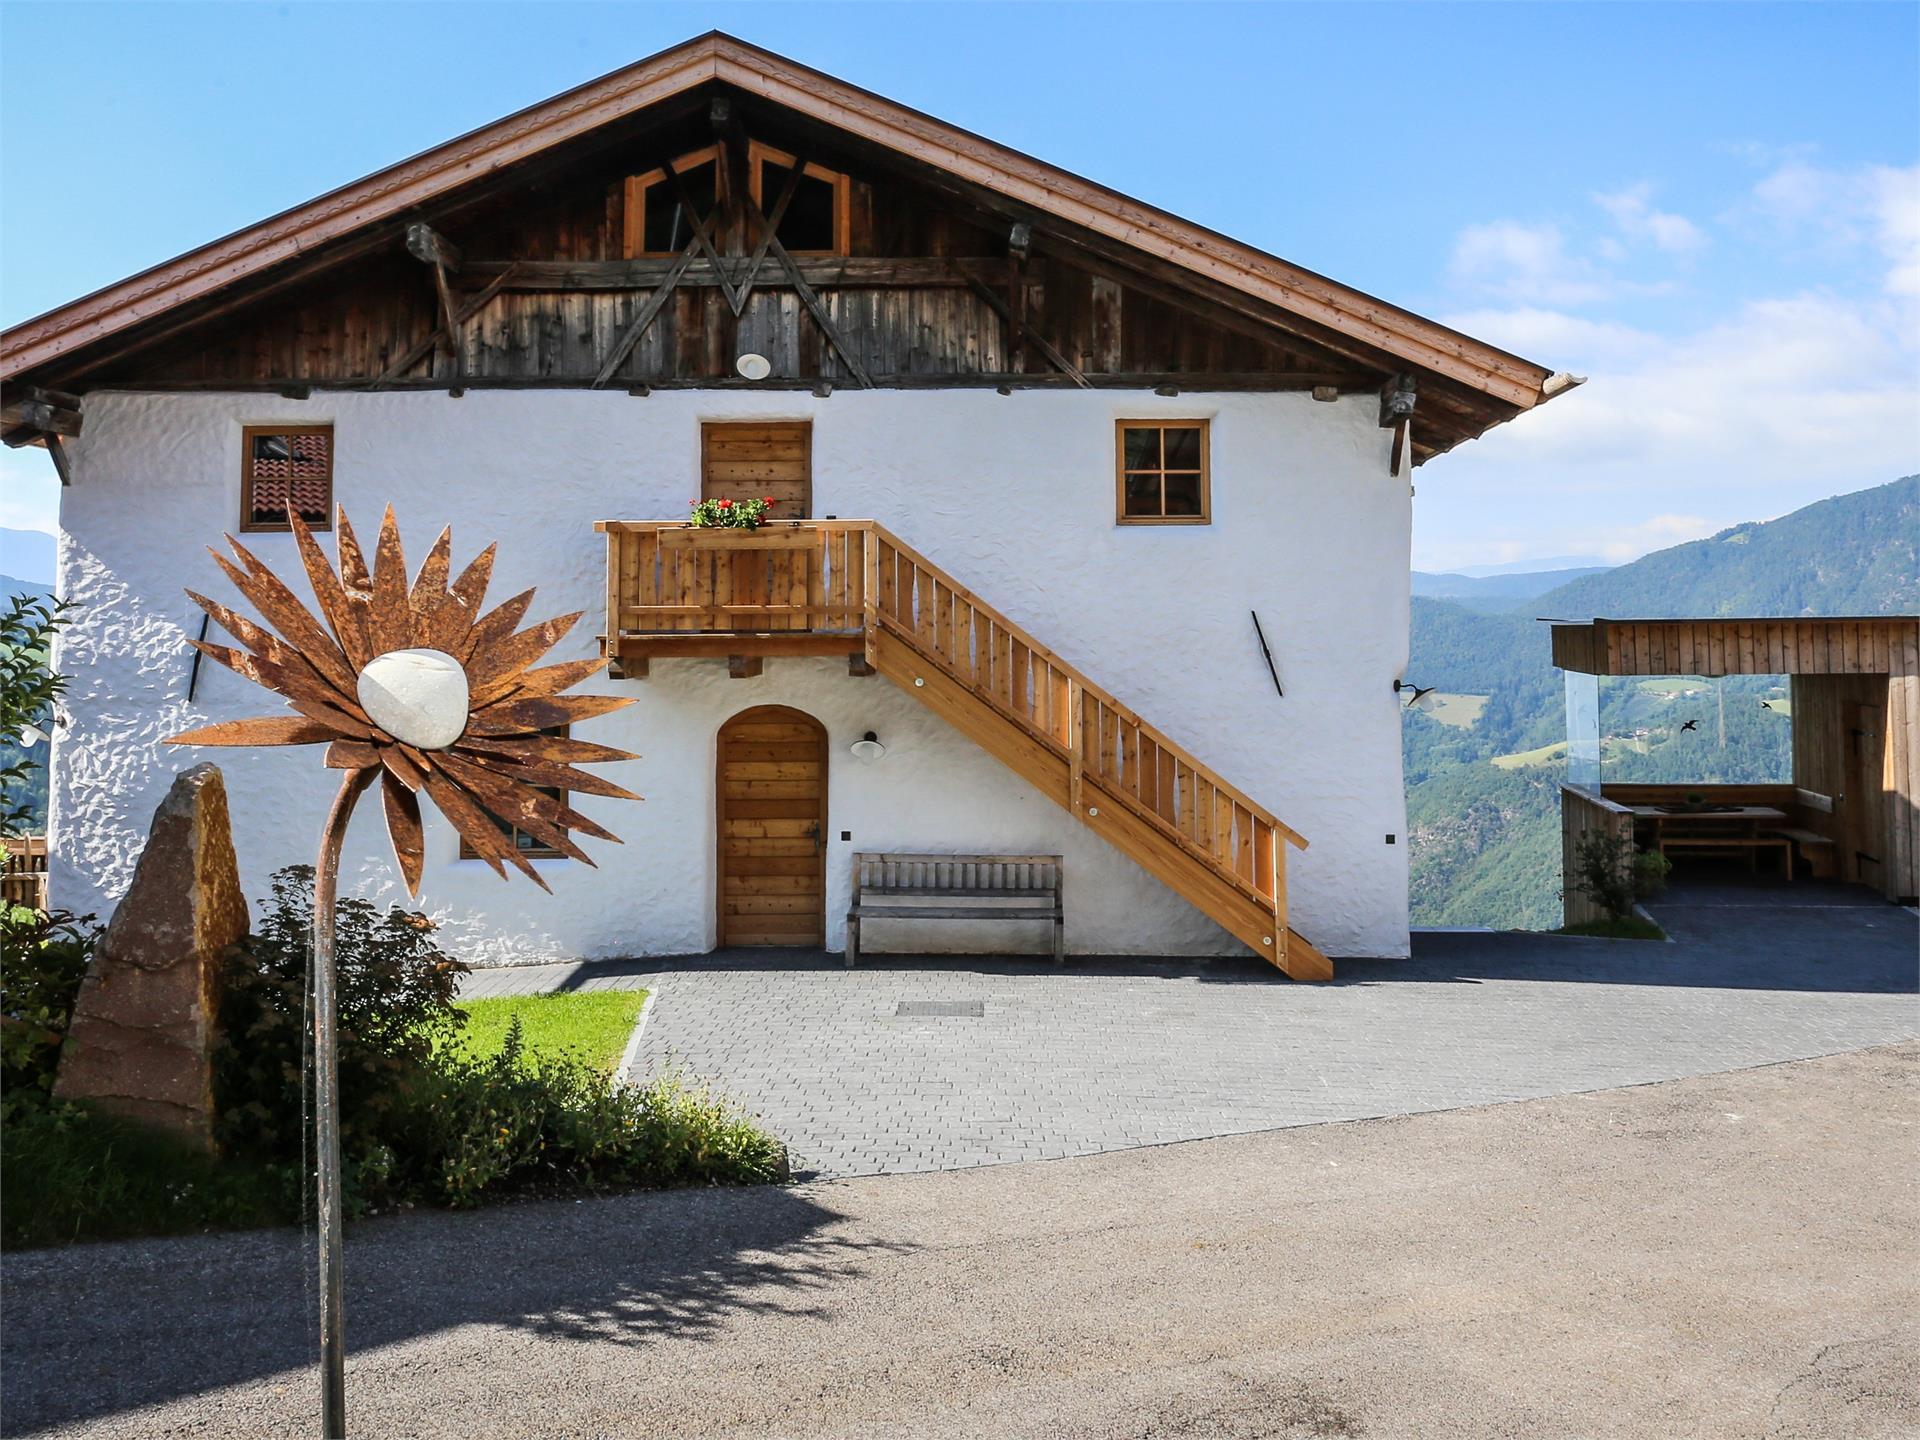 Rackerterhof, Bauernhaus am Ritten